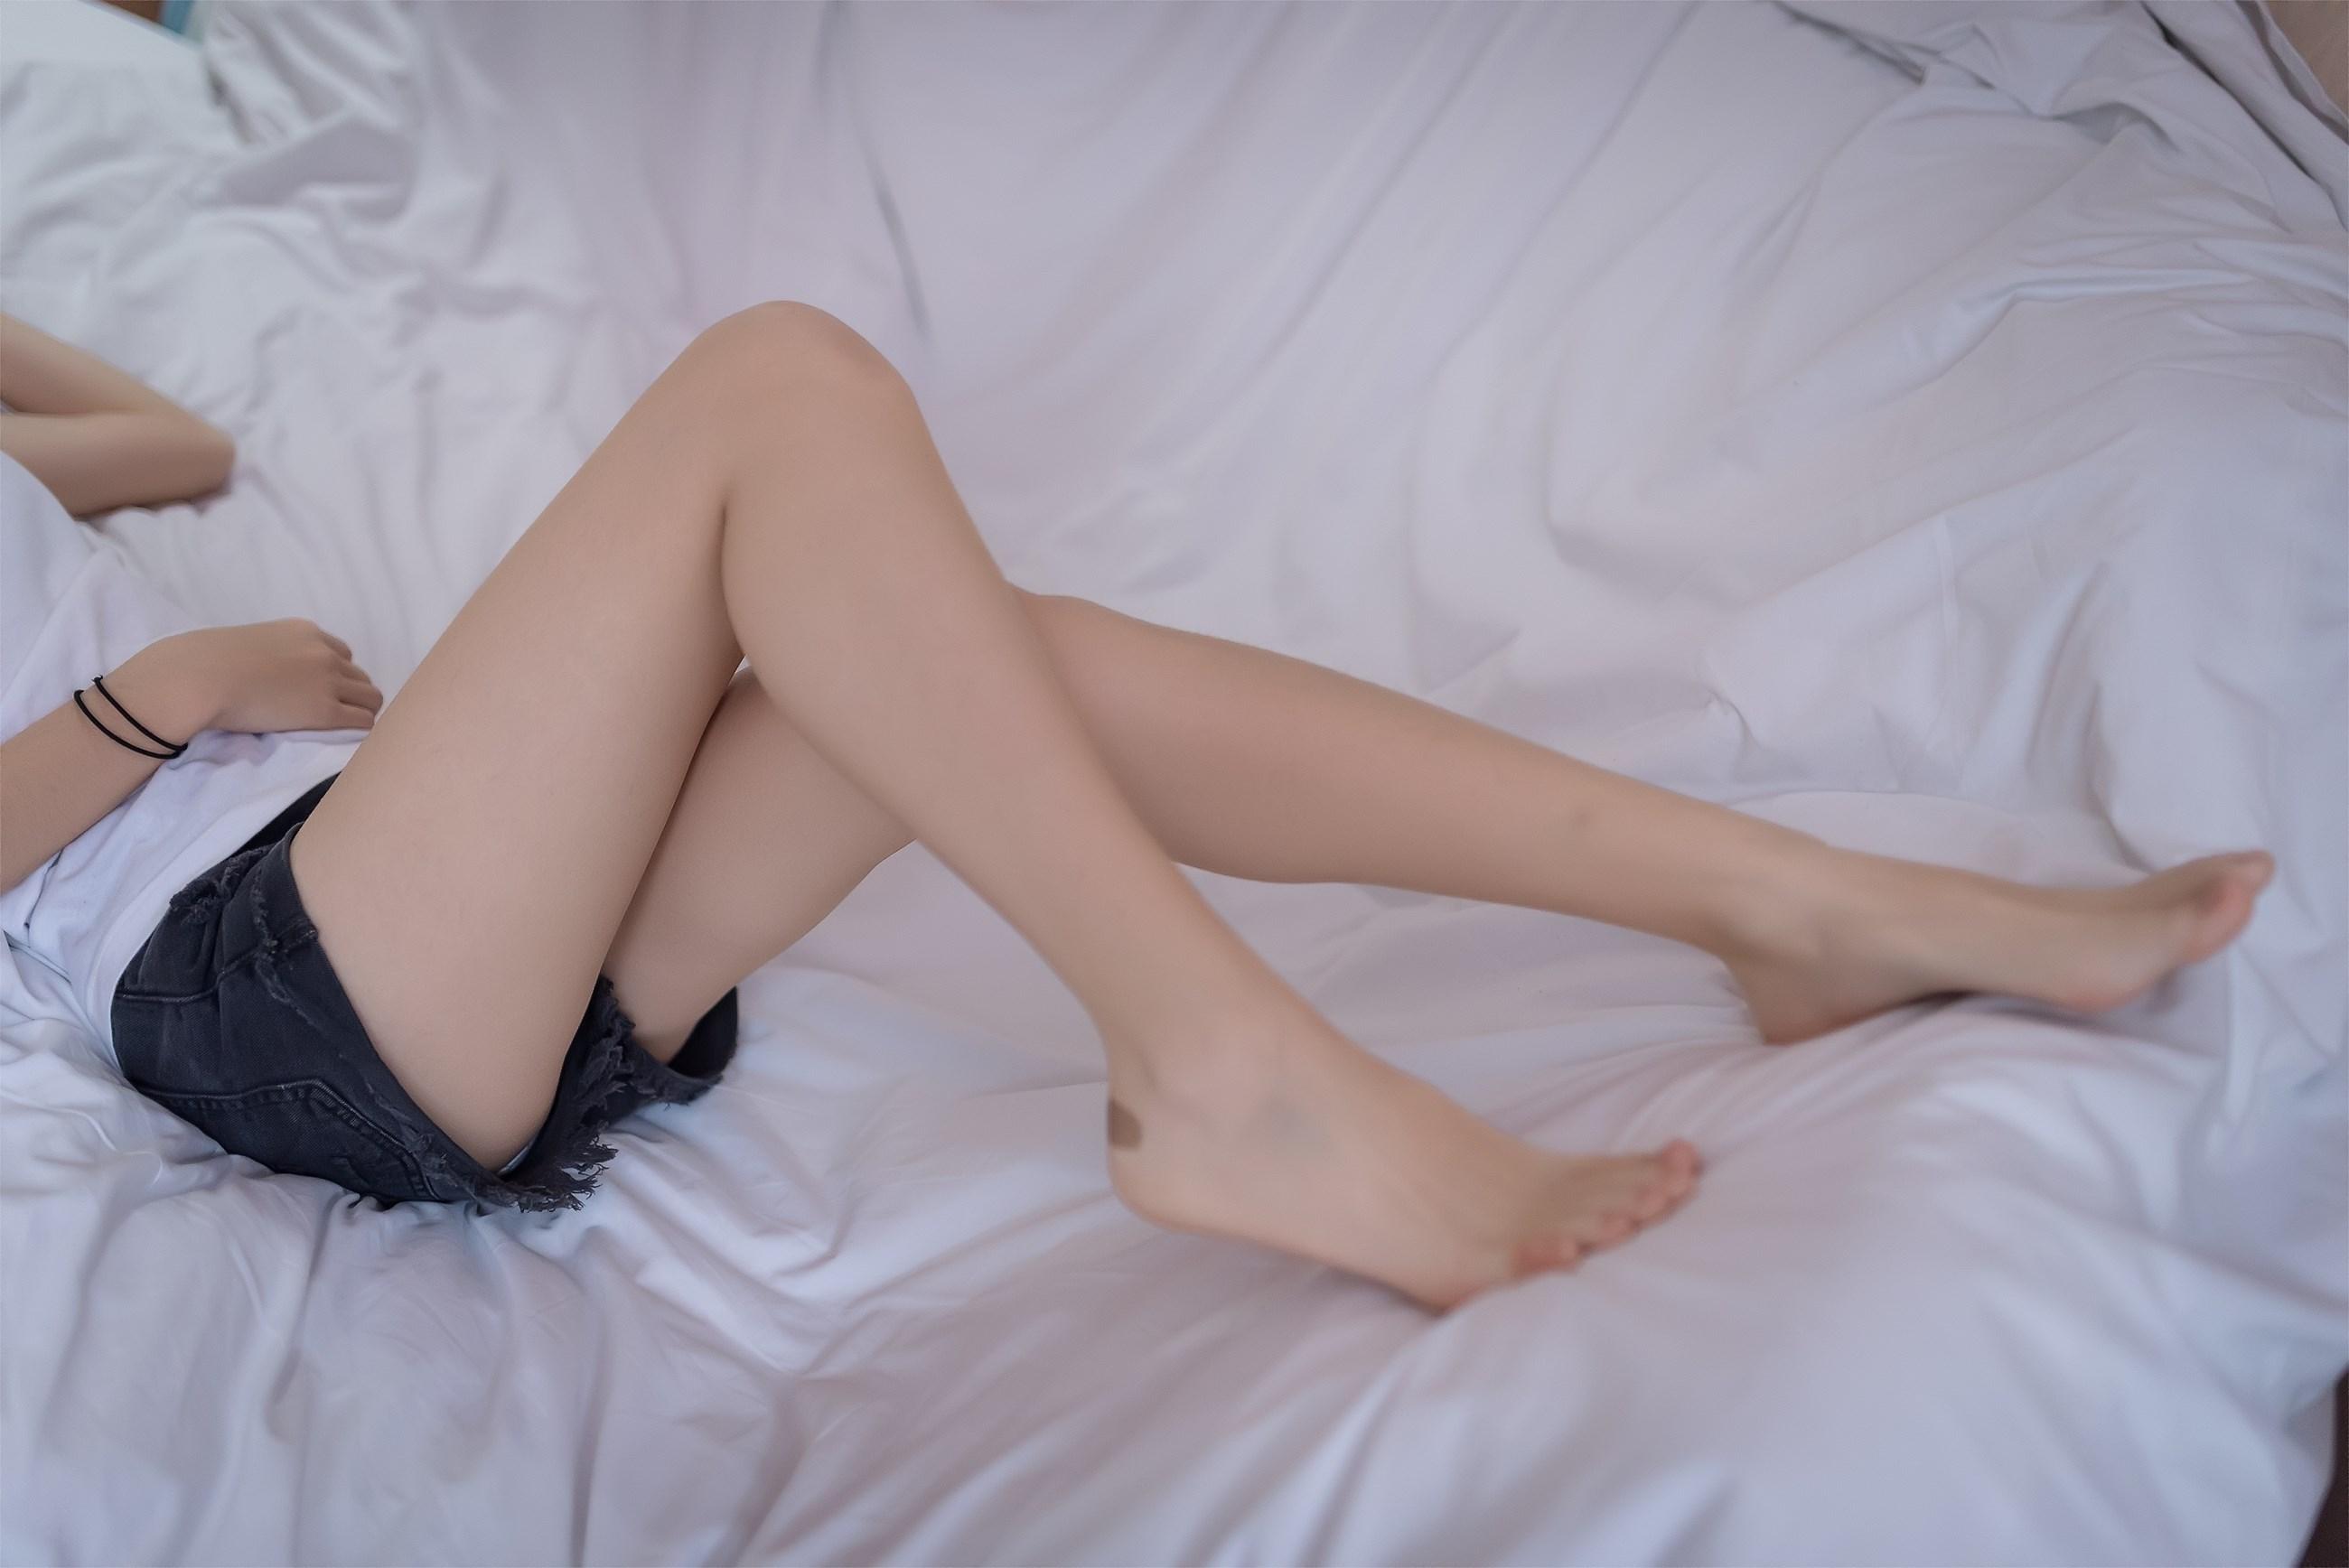 【兔玩映画】果腿少女 兔玩映画 第29张